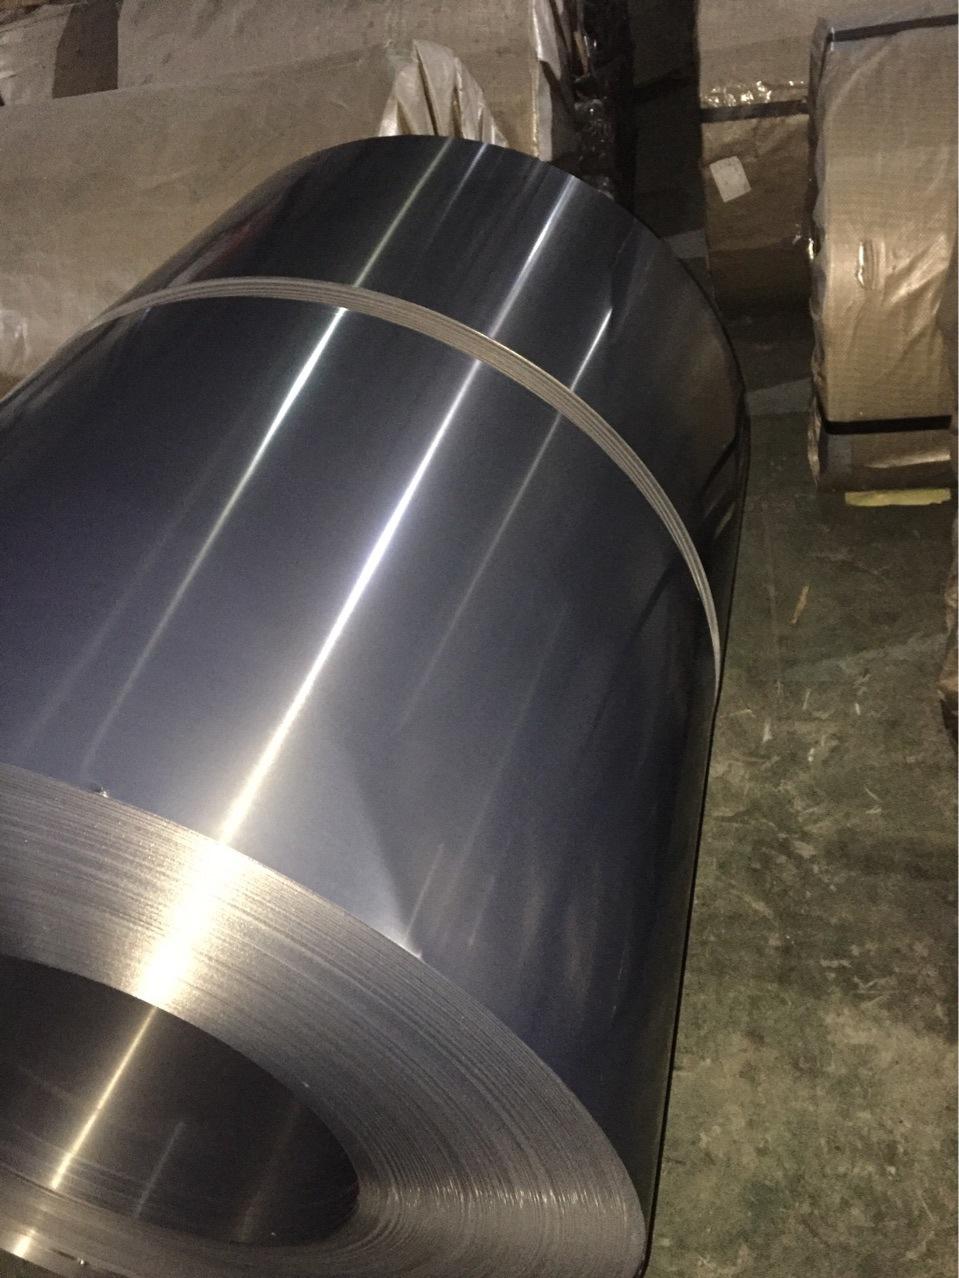 Baosteel silicon steel sheet electrical steel non-oriented silicon steel electrical steel coil B35AV